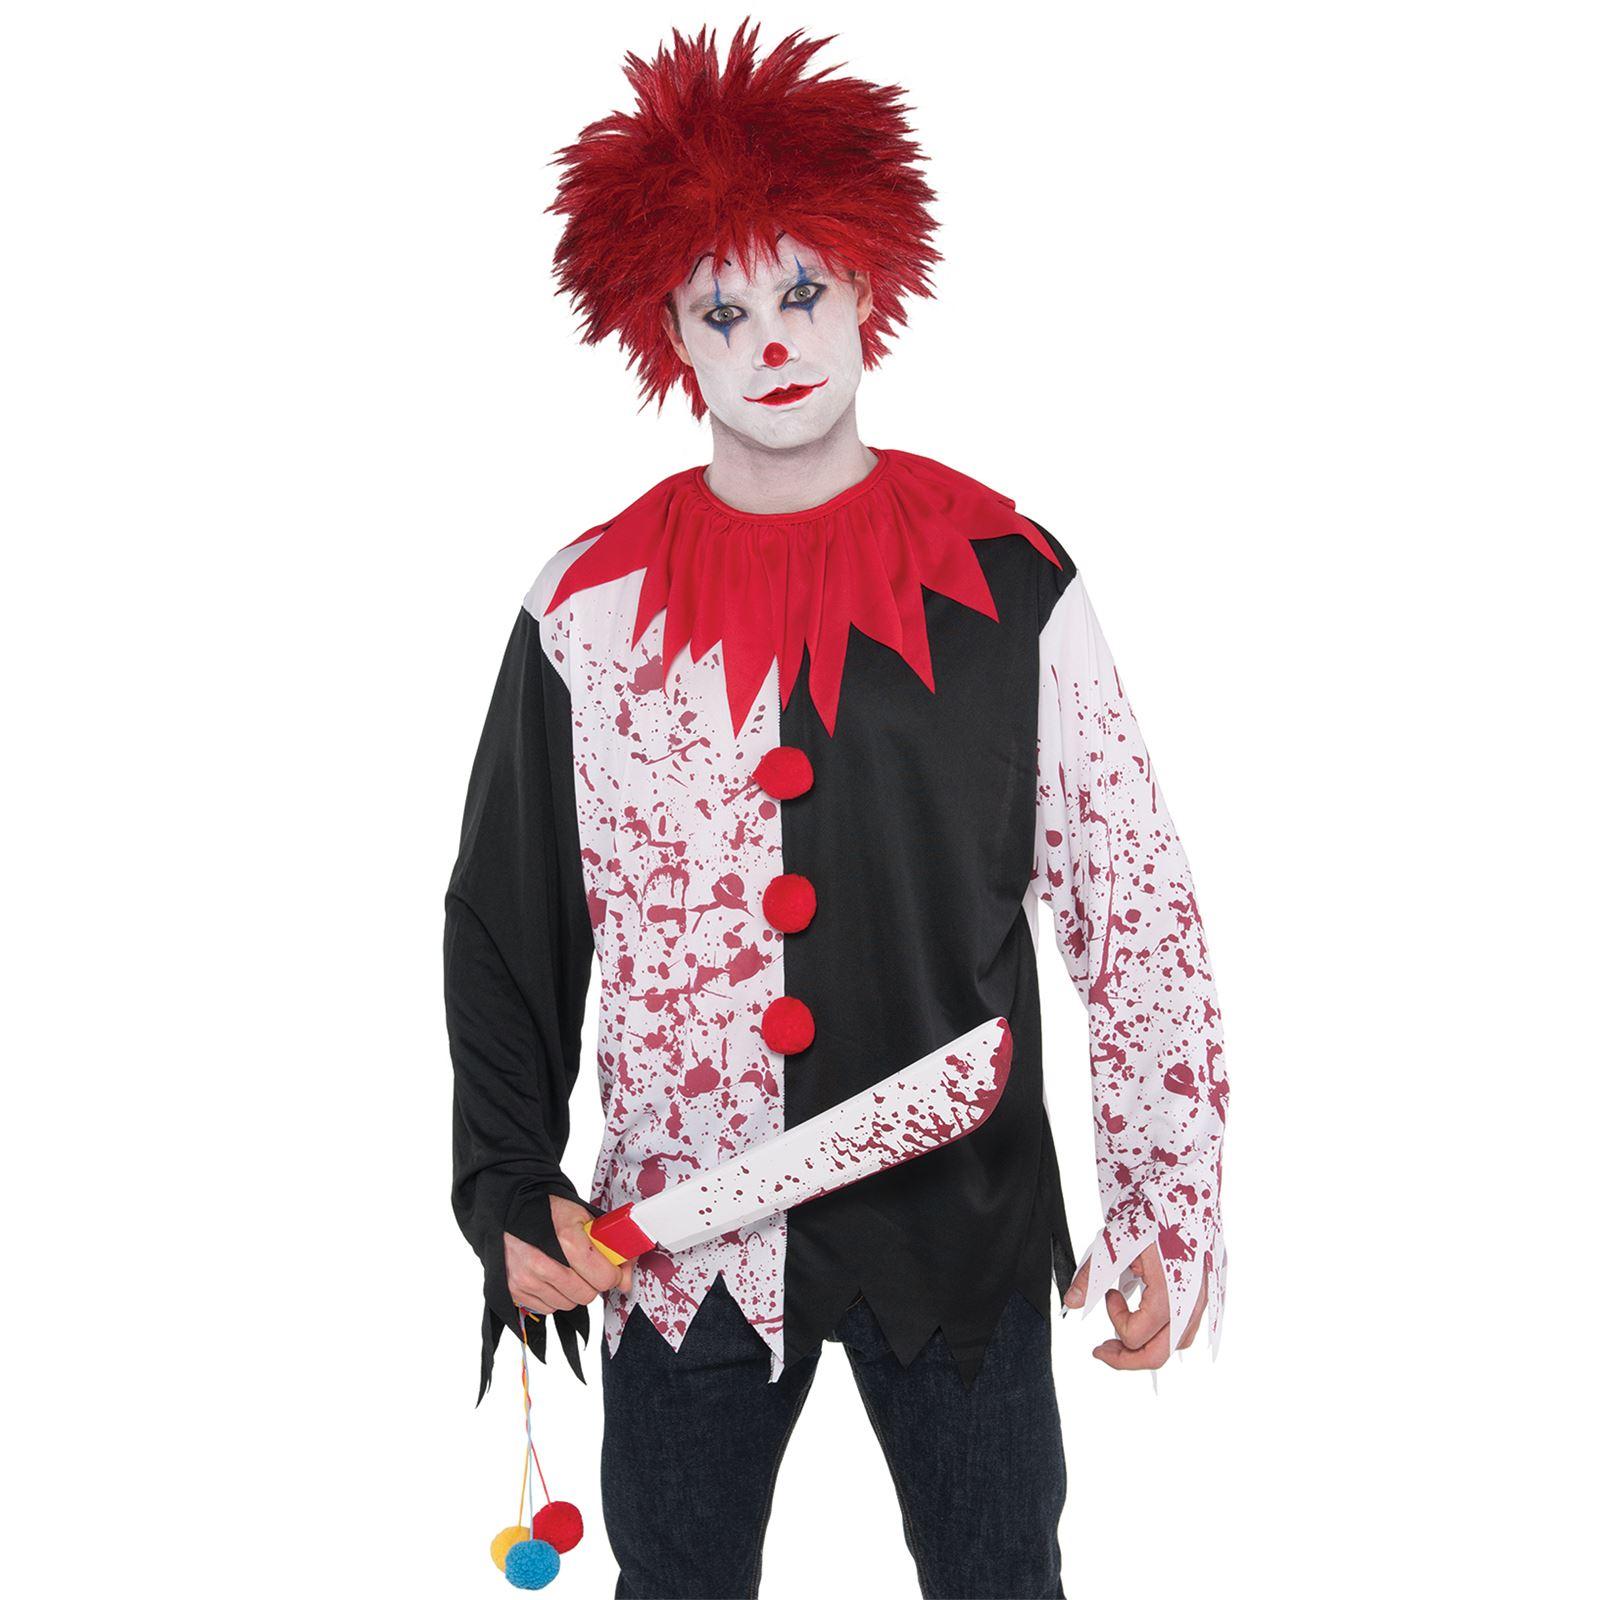 56cm Freak Show Clown Prop Machete Weapon Halloween Fancy Dress Accessory